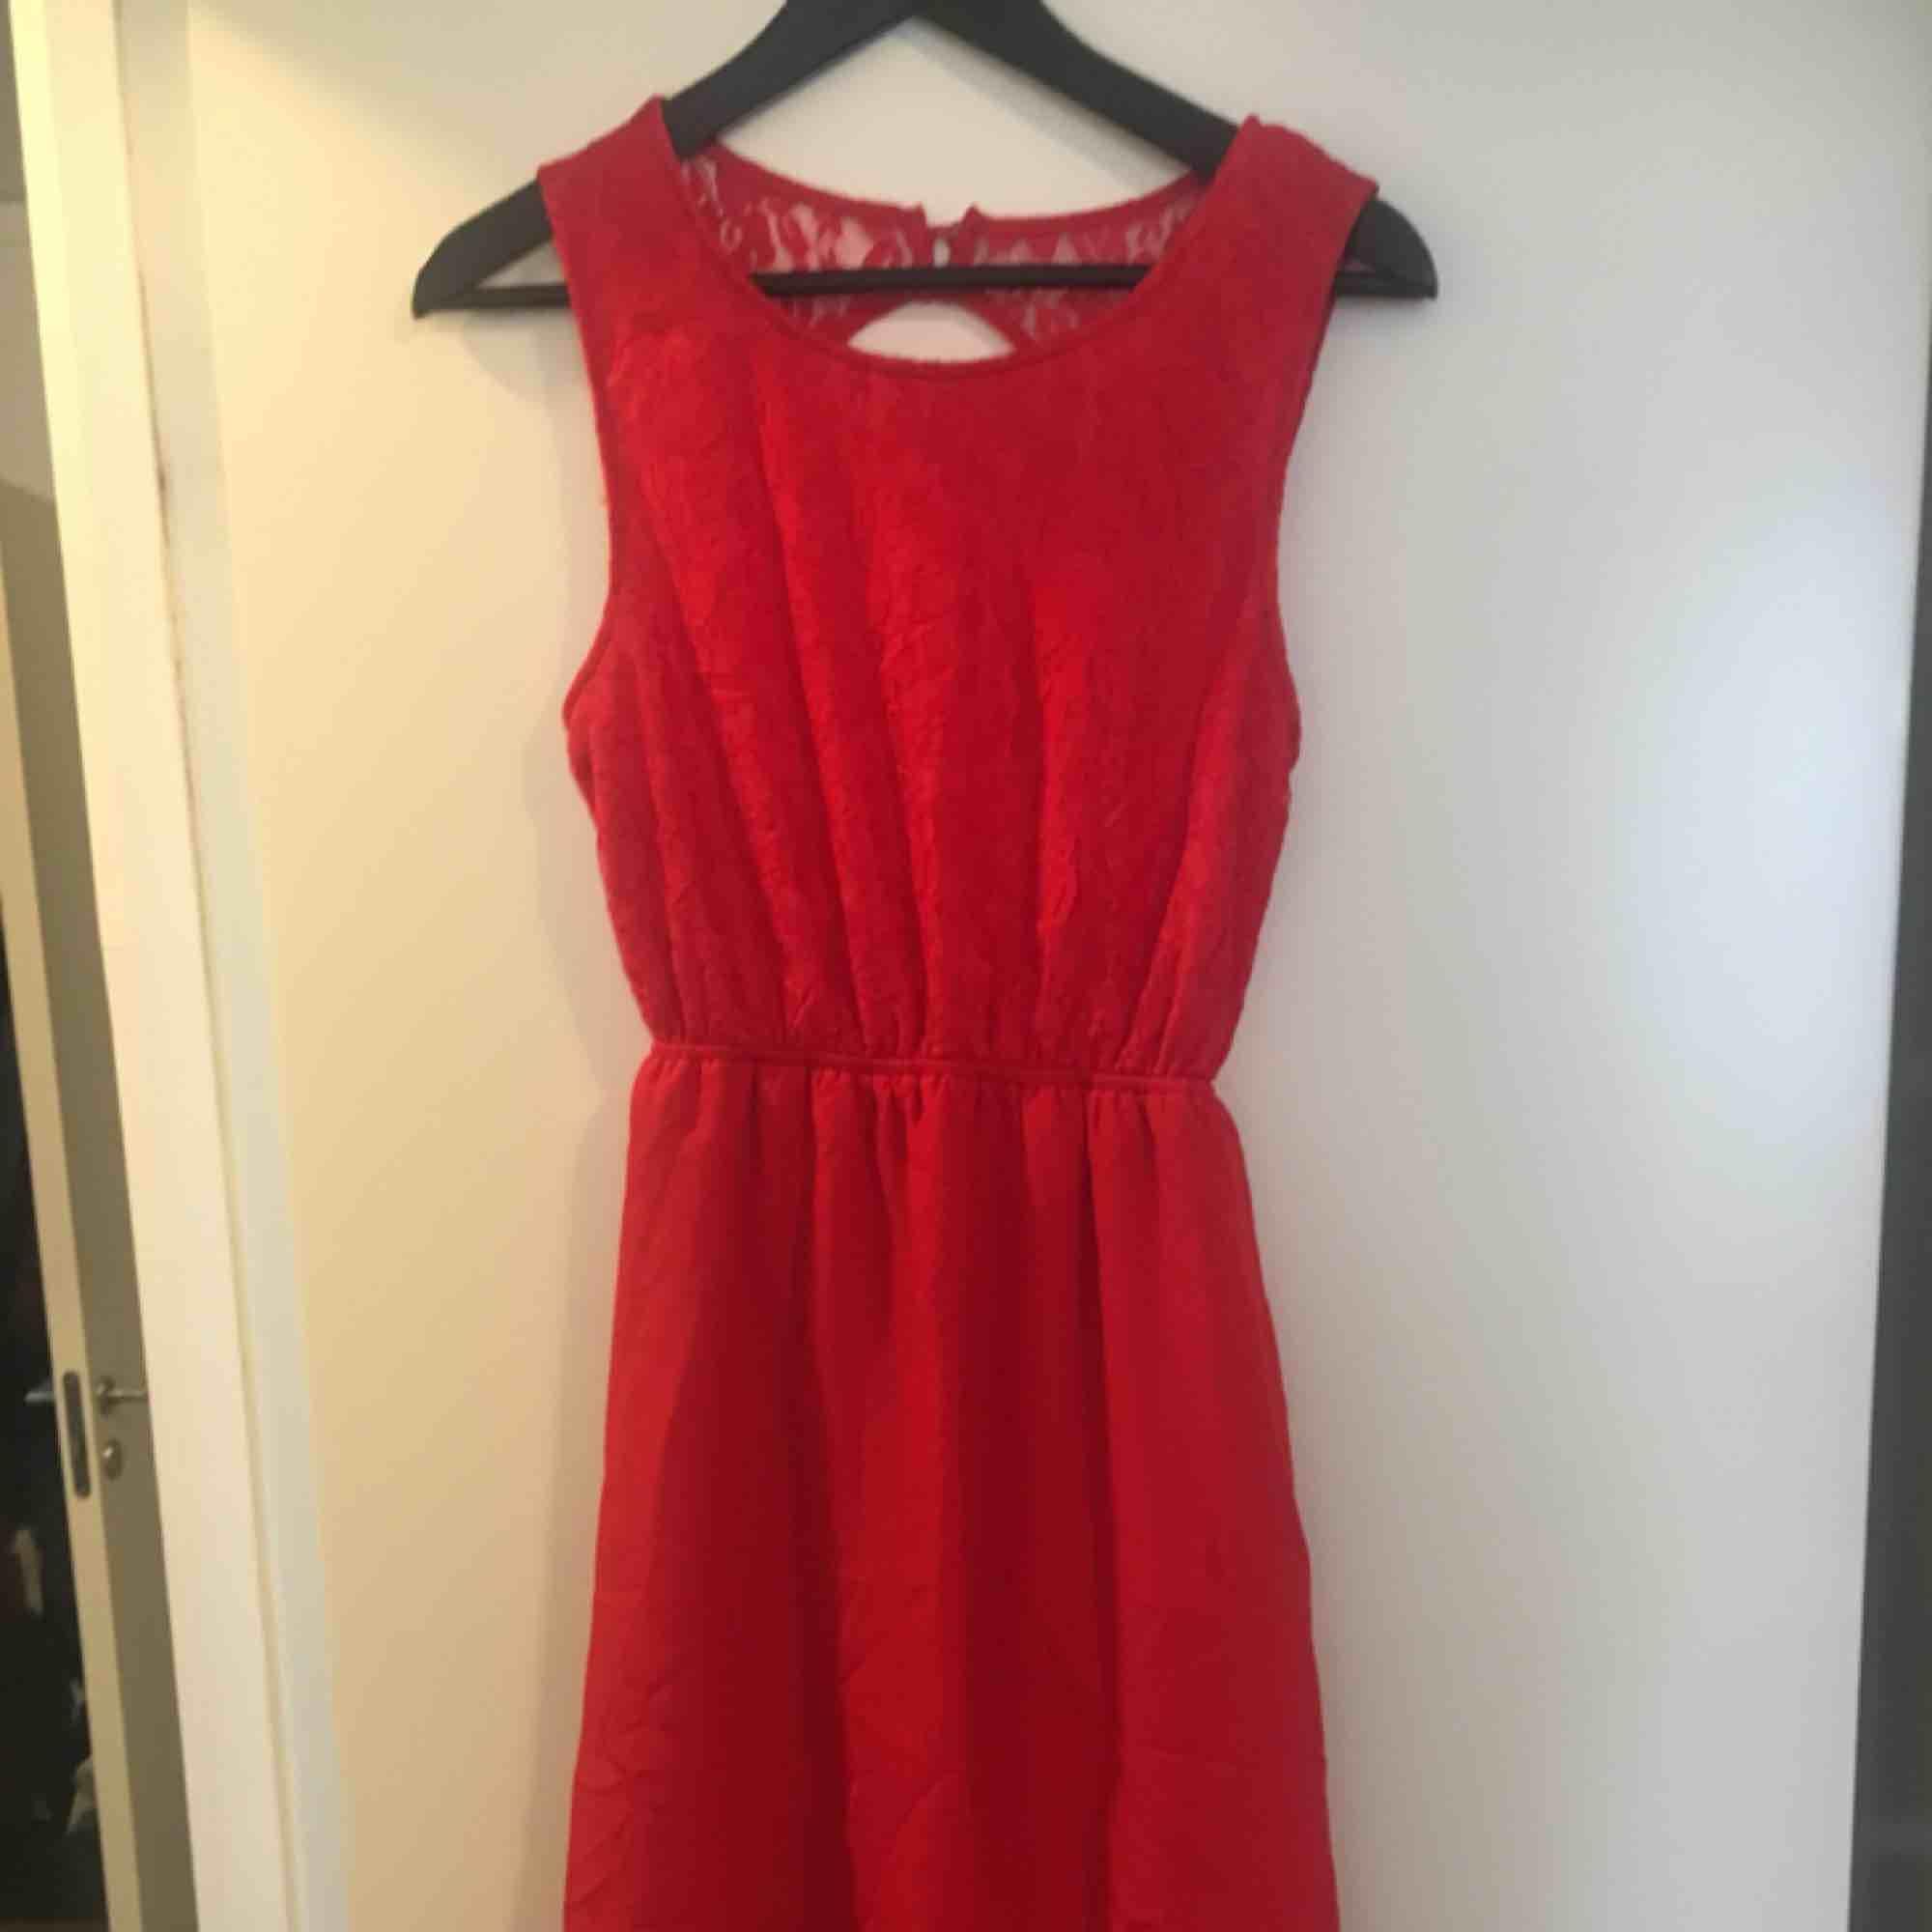 25157bfe71d3 Röd klänning, kort fram/lång bak. Aldrig använd. . Klänningar.